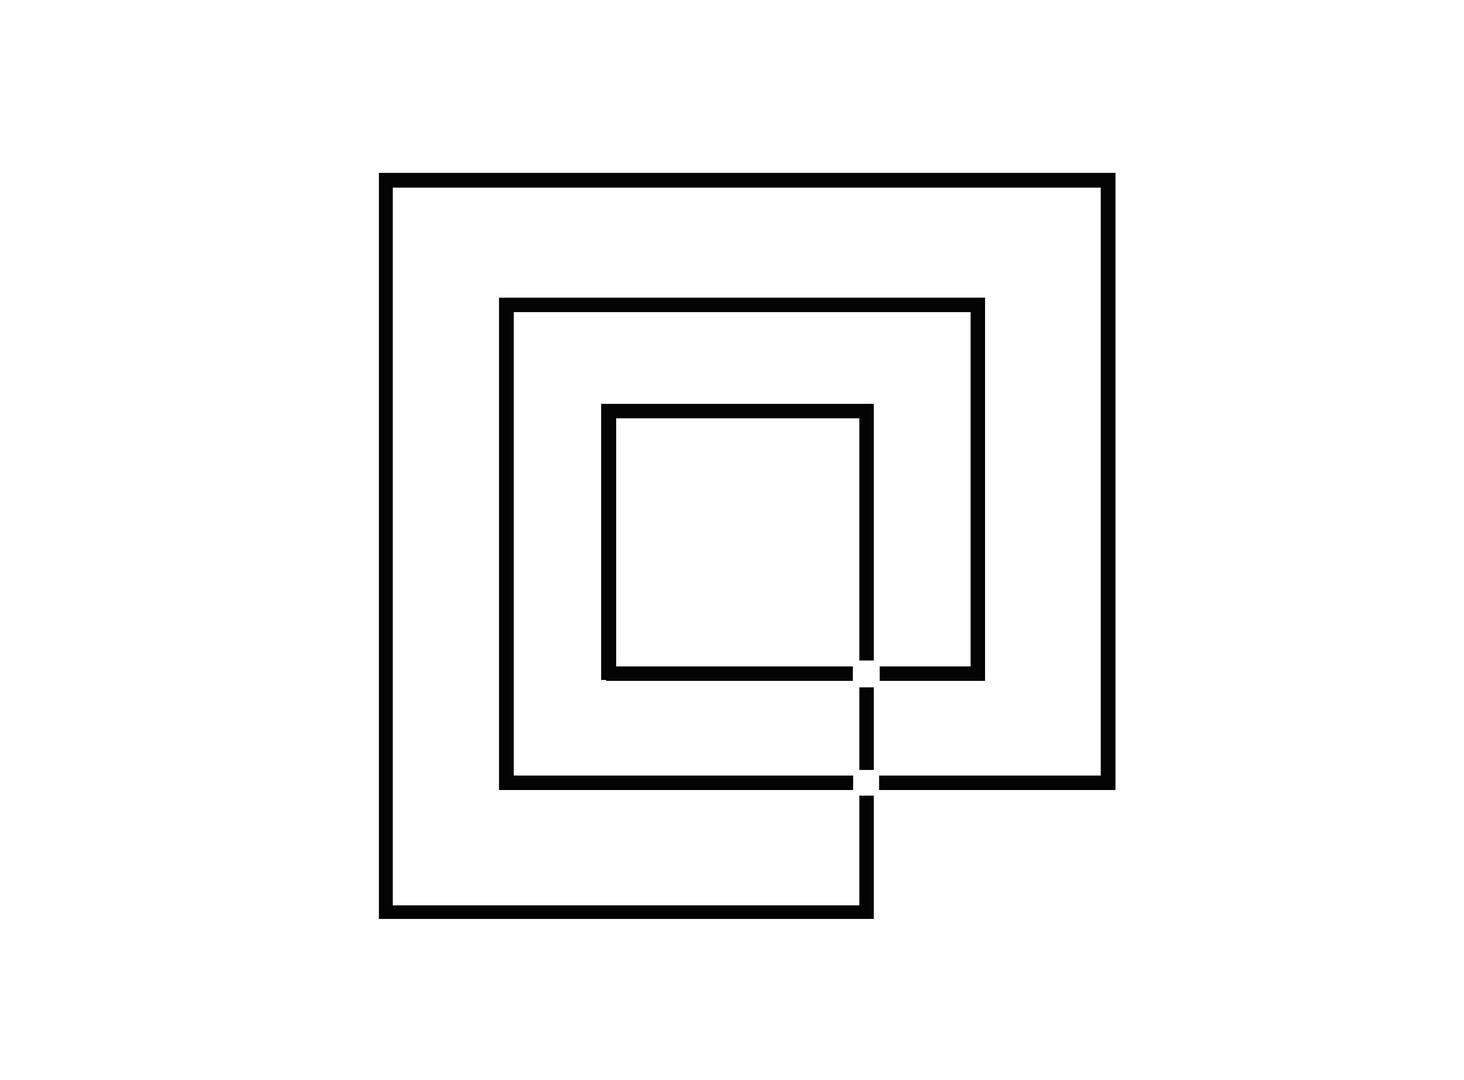 Endlose Linie mit 2 Kreuzen